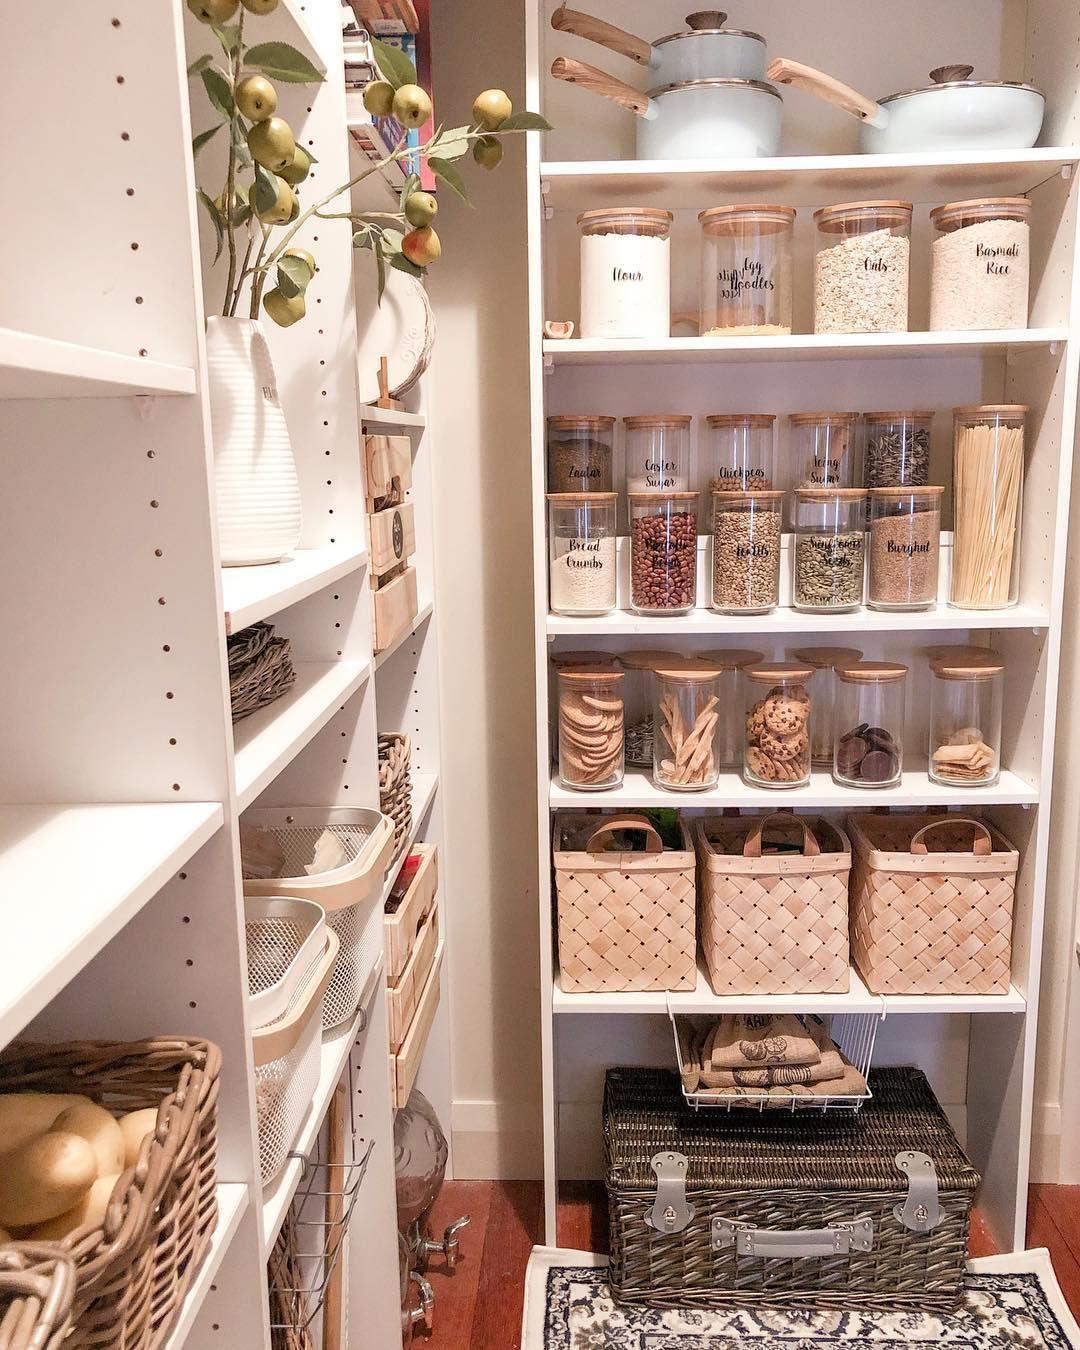 breathtaking ikea kitchen pantry organization pantry pantryorganization kitchenpantry on kitchen cabinets organization layout id=34454